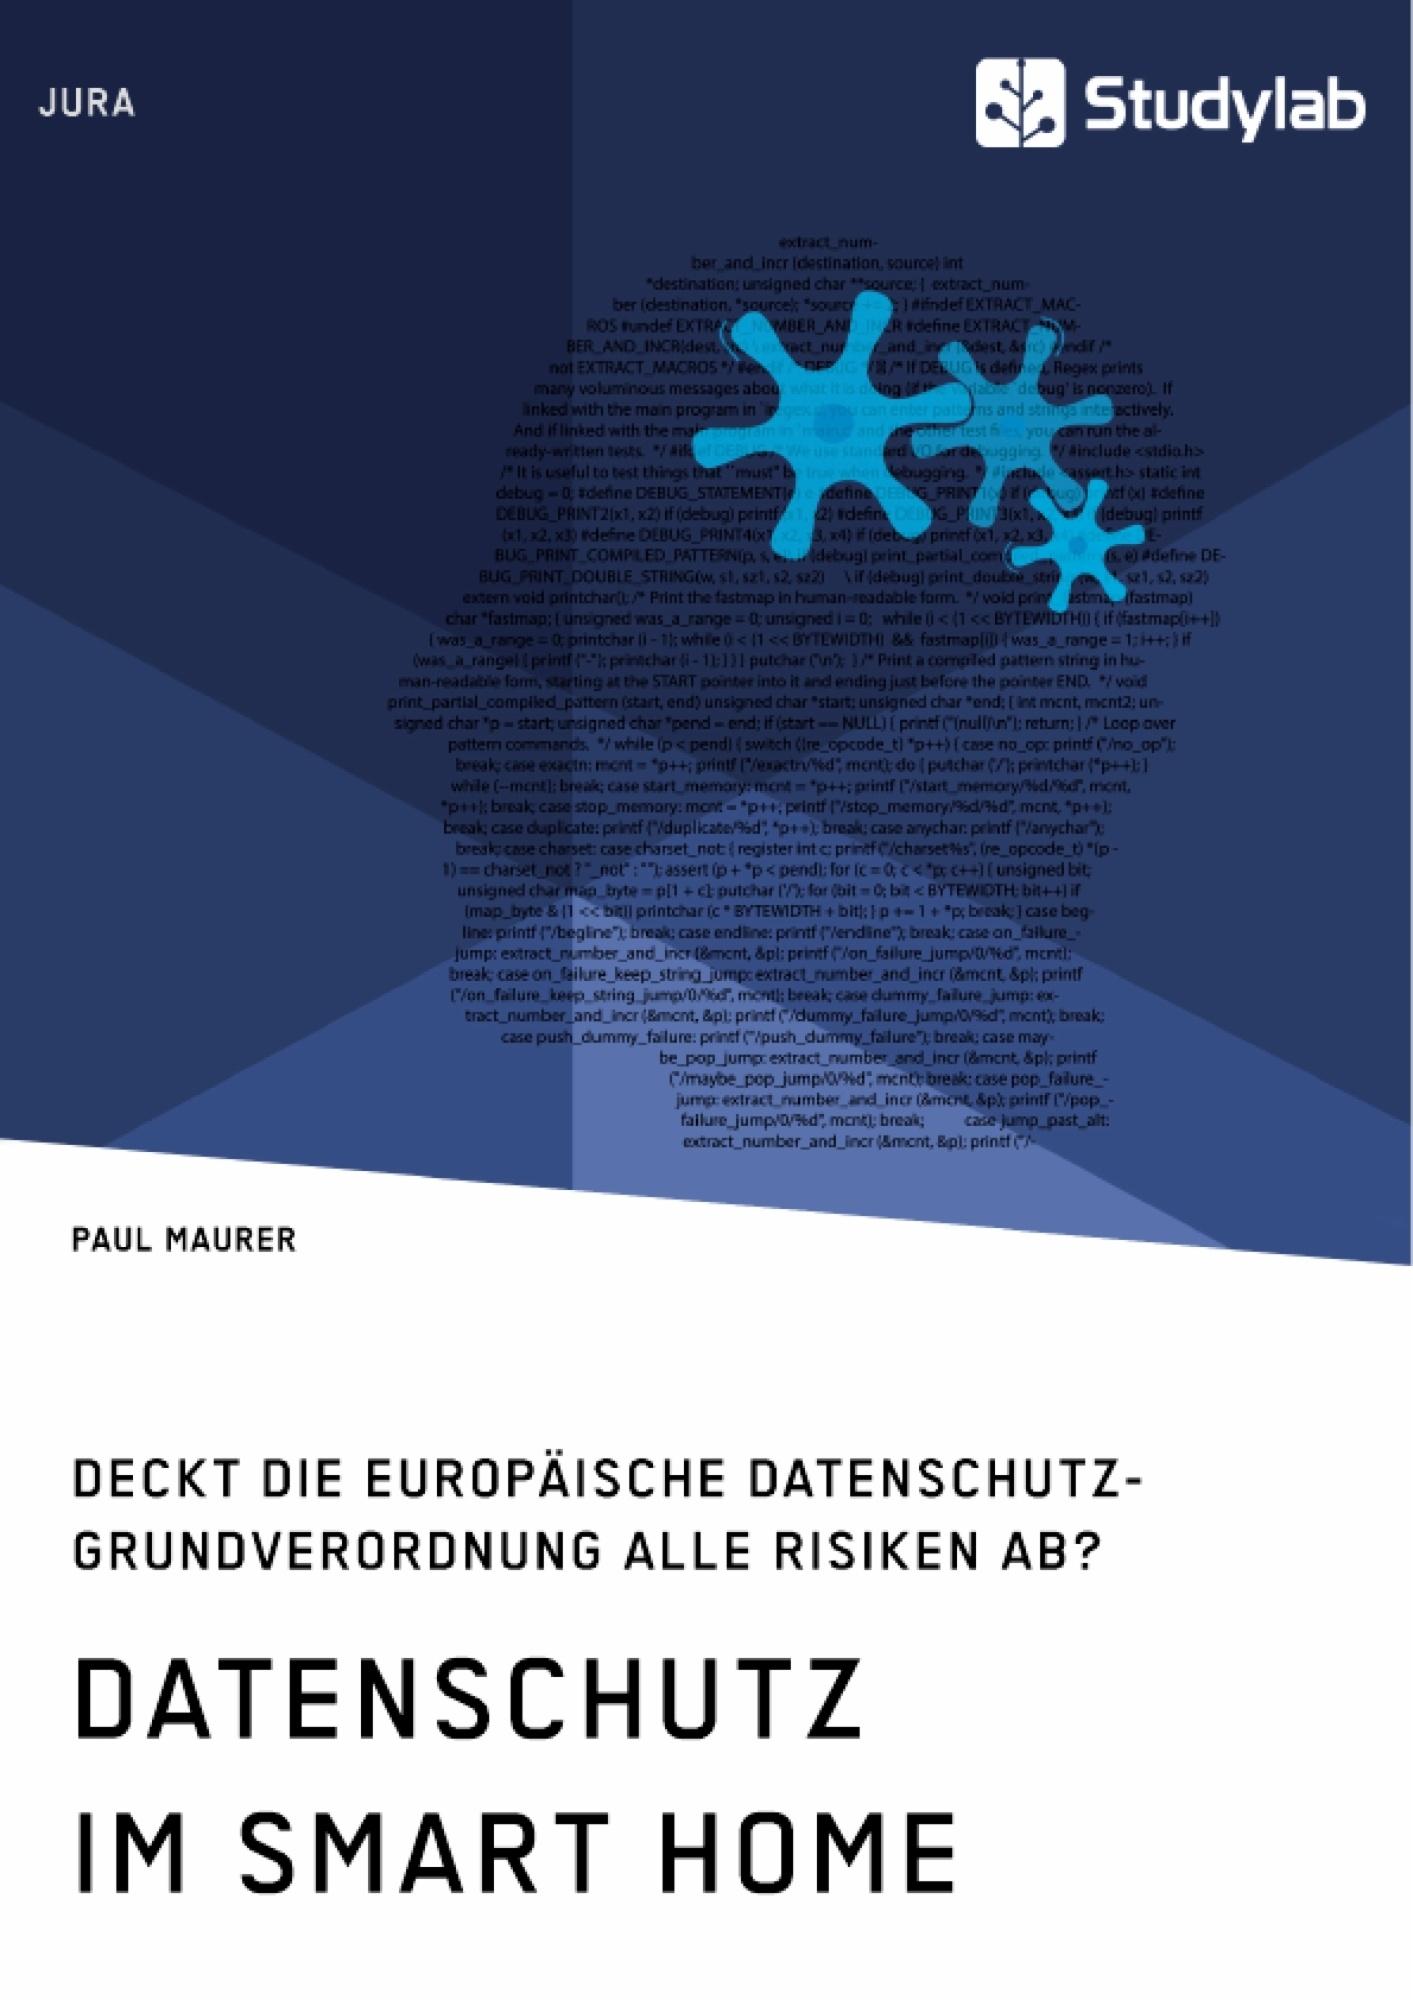 Titel: Datenschutz im Smart Home. Deckt die europäische Datenschutz-Grundverordnung alle Risiken ab?